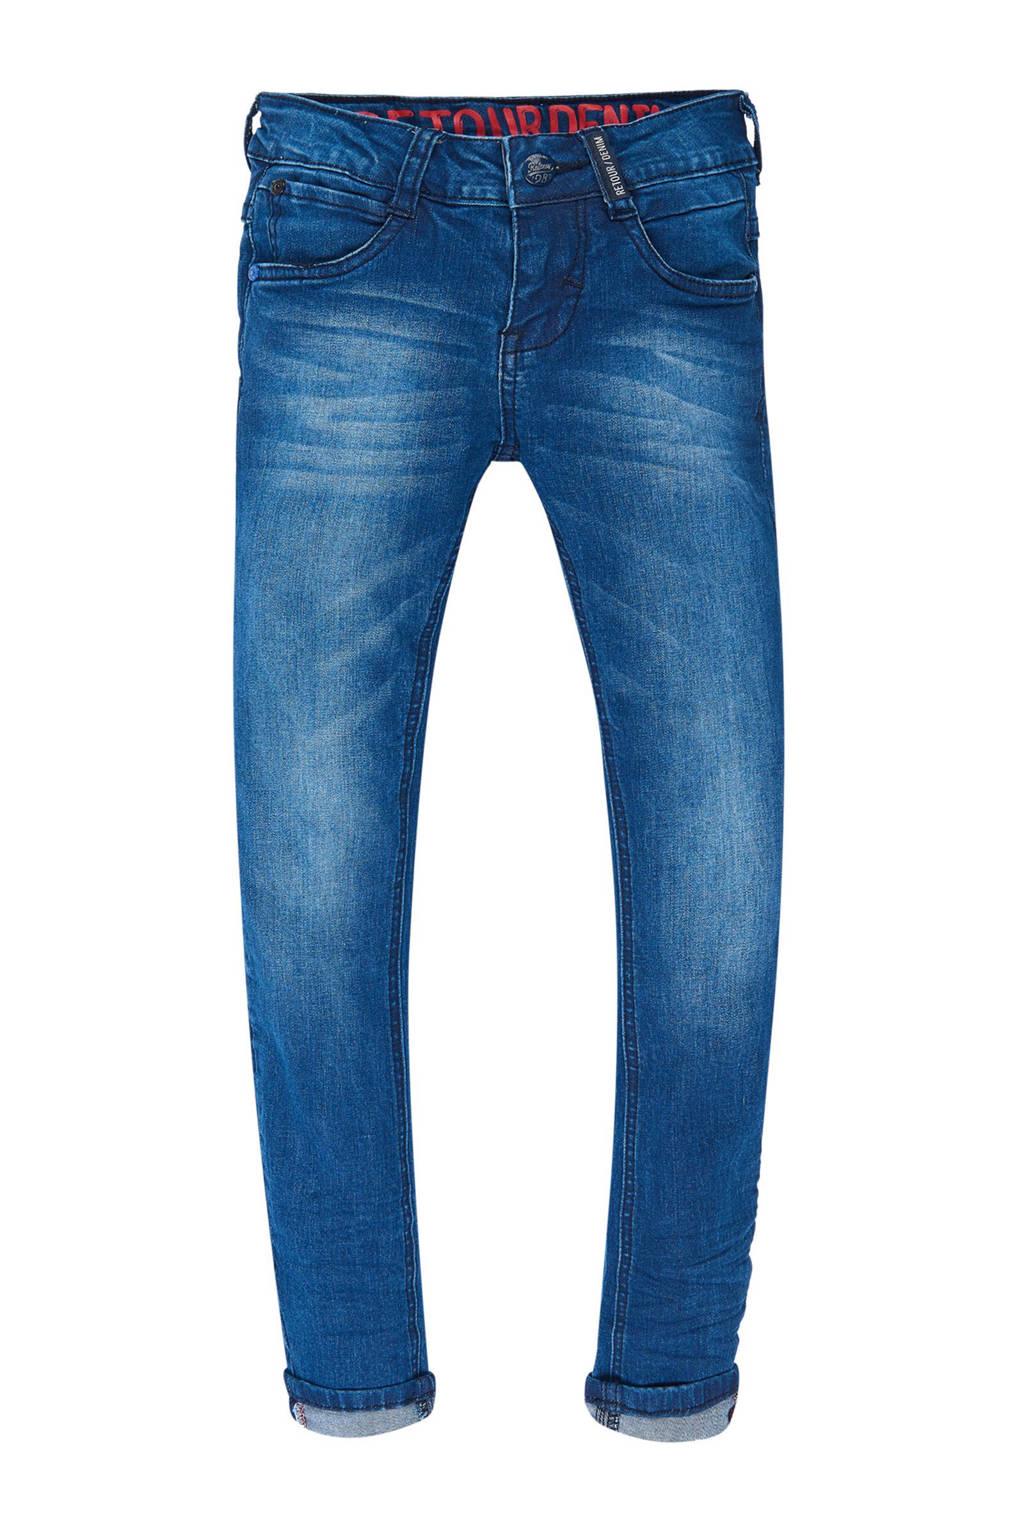 Retour Denim skinny jeans Tobias blauw, Blauw